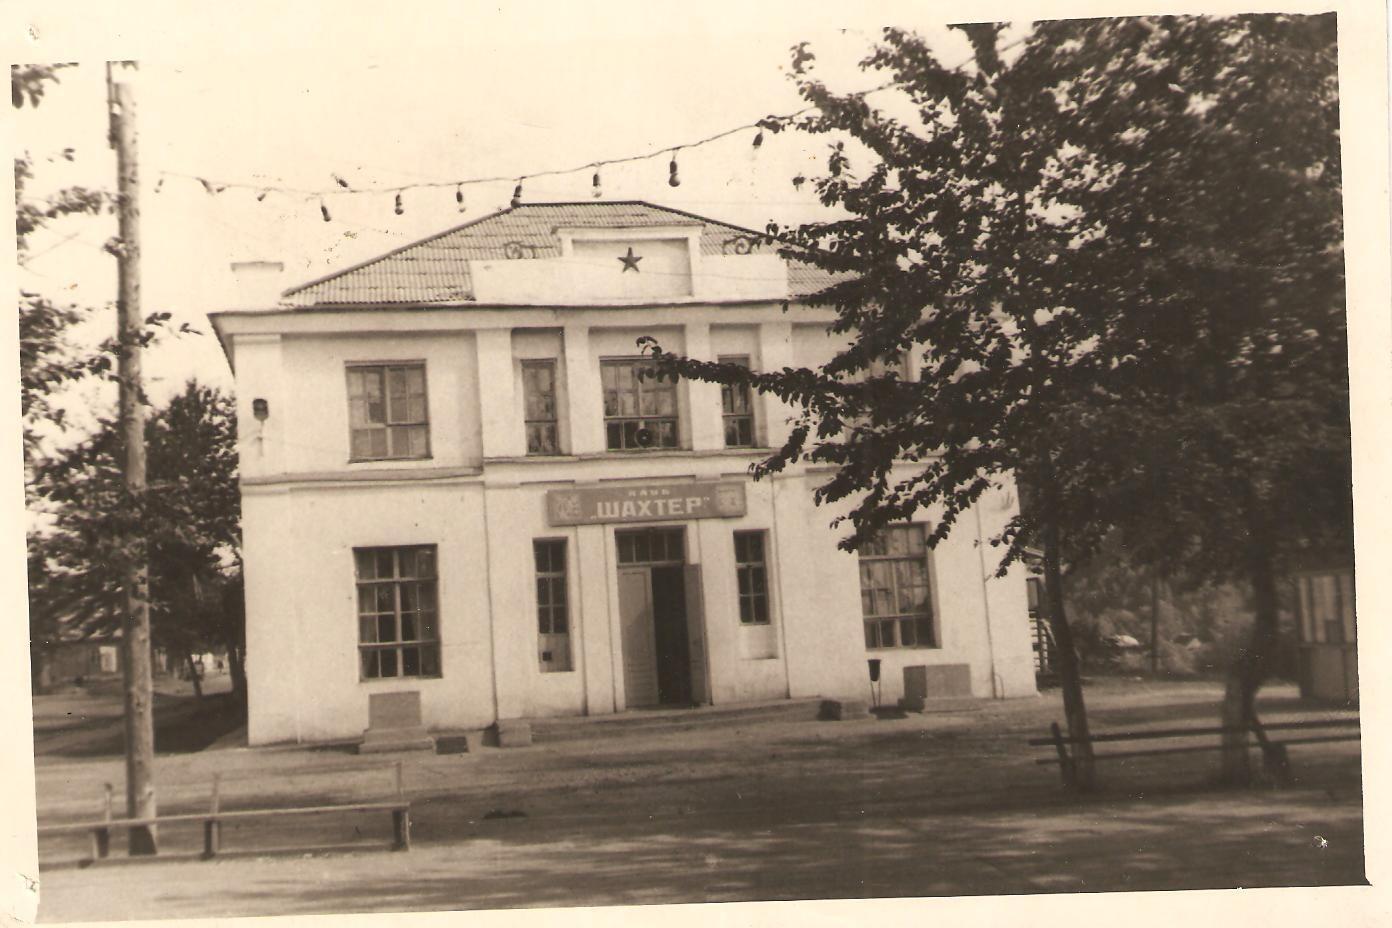 Дом культуры 'Шахтер' в пгт. Быков